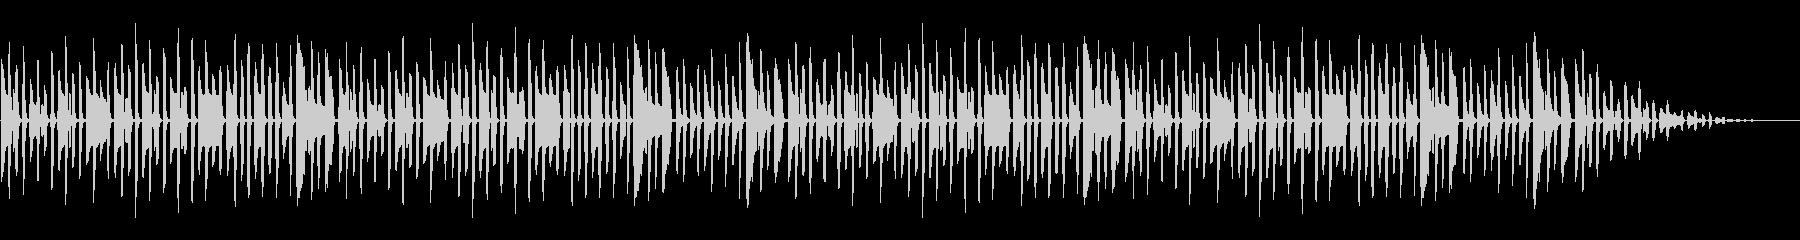 梅雨に 童謡「かたつむり」脱力系アレンジの未再生の波形